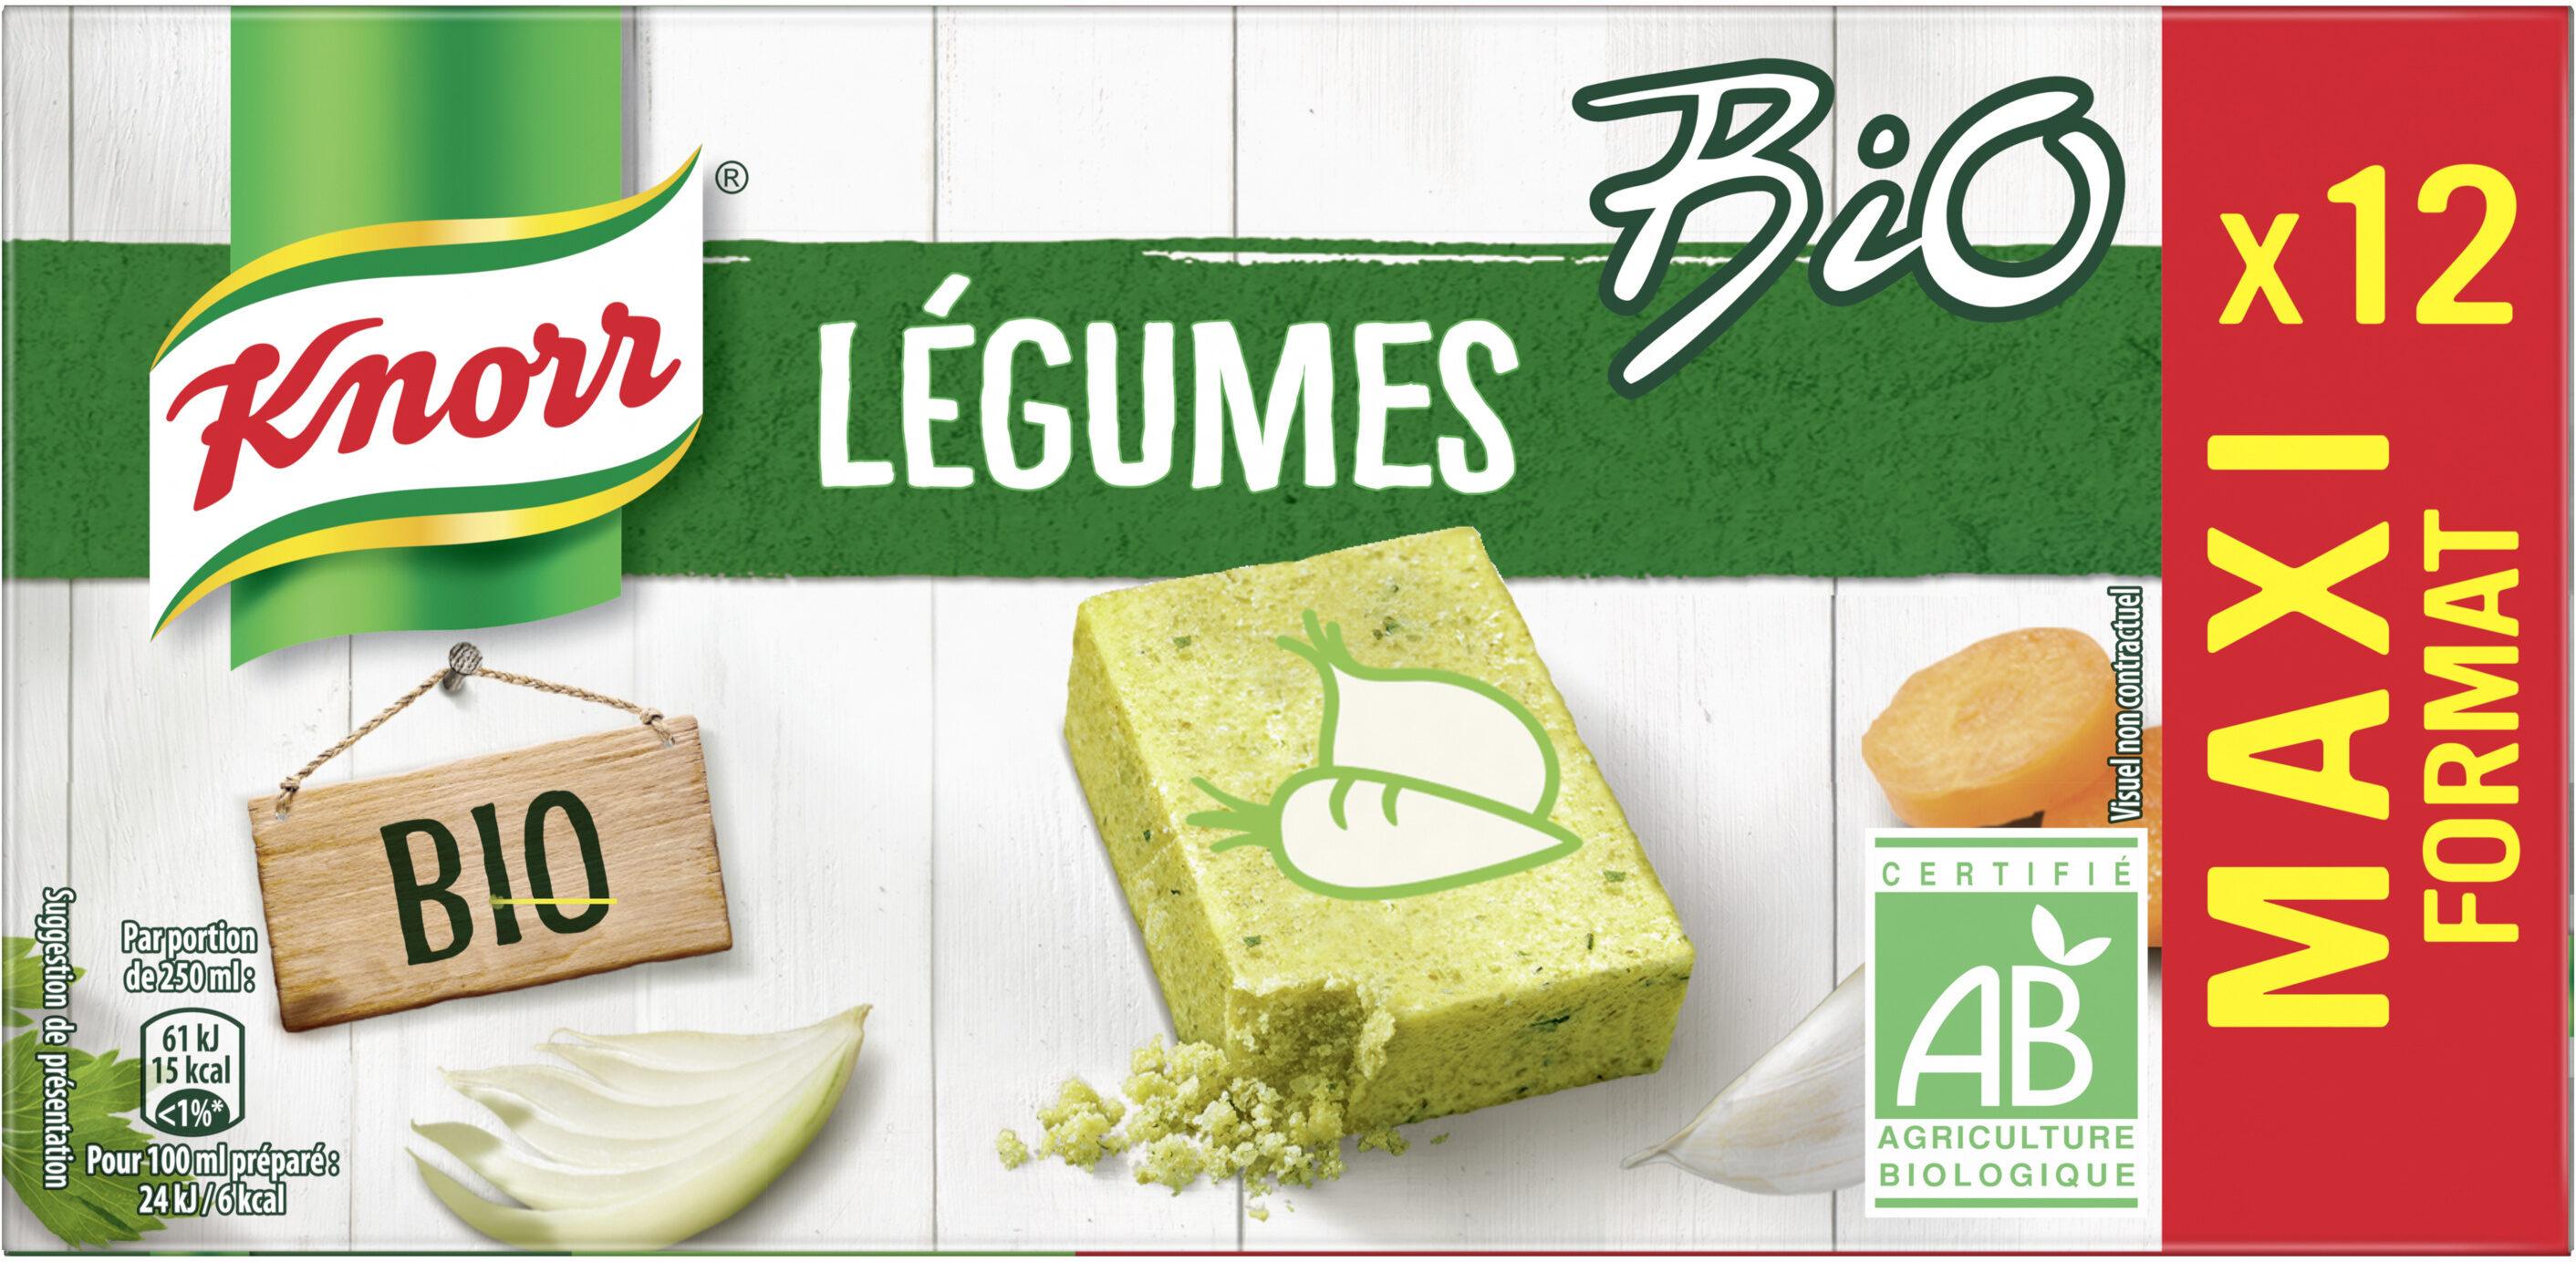 Knorr Bouillon Cubes Légumes Maxi Format 12 Cubes - Product - fr